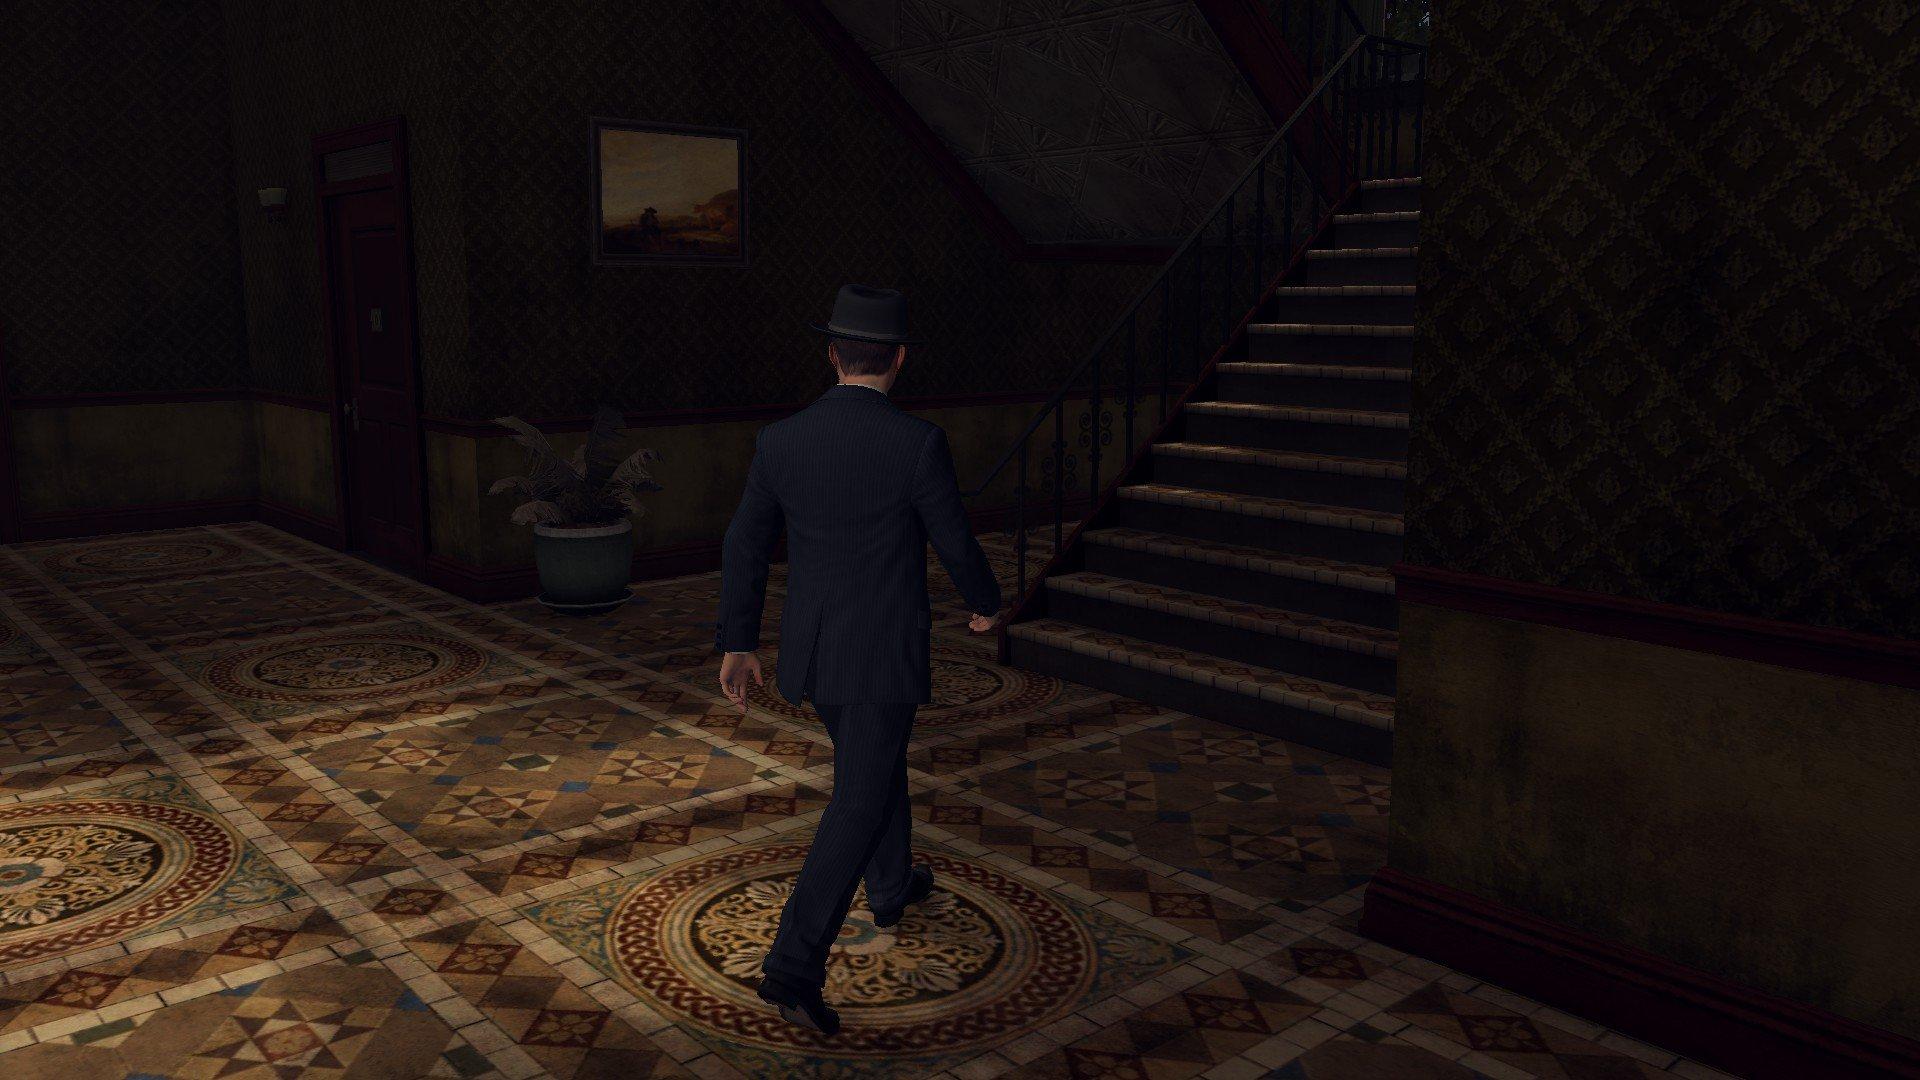 Пост-прохождение L.A. Noire Часть 10 +КОНКУРС ^_^ - Изображение 56